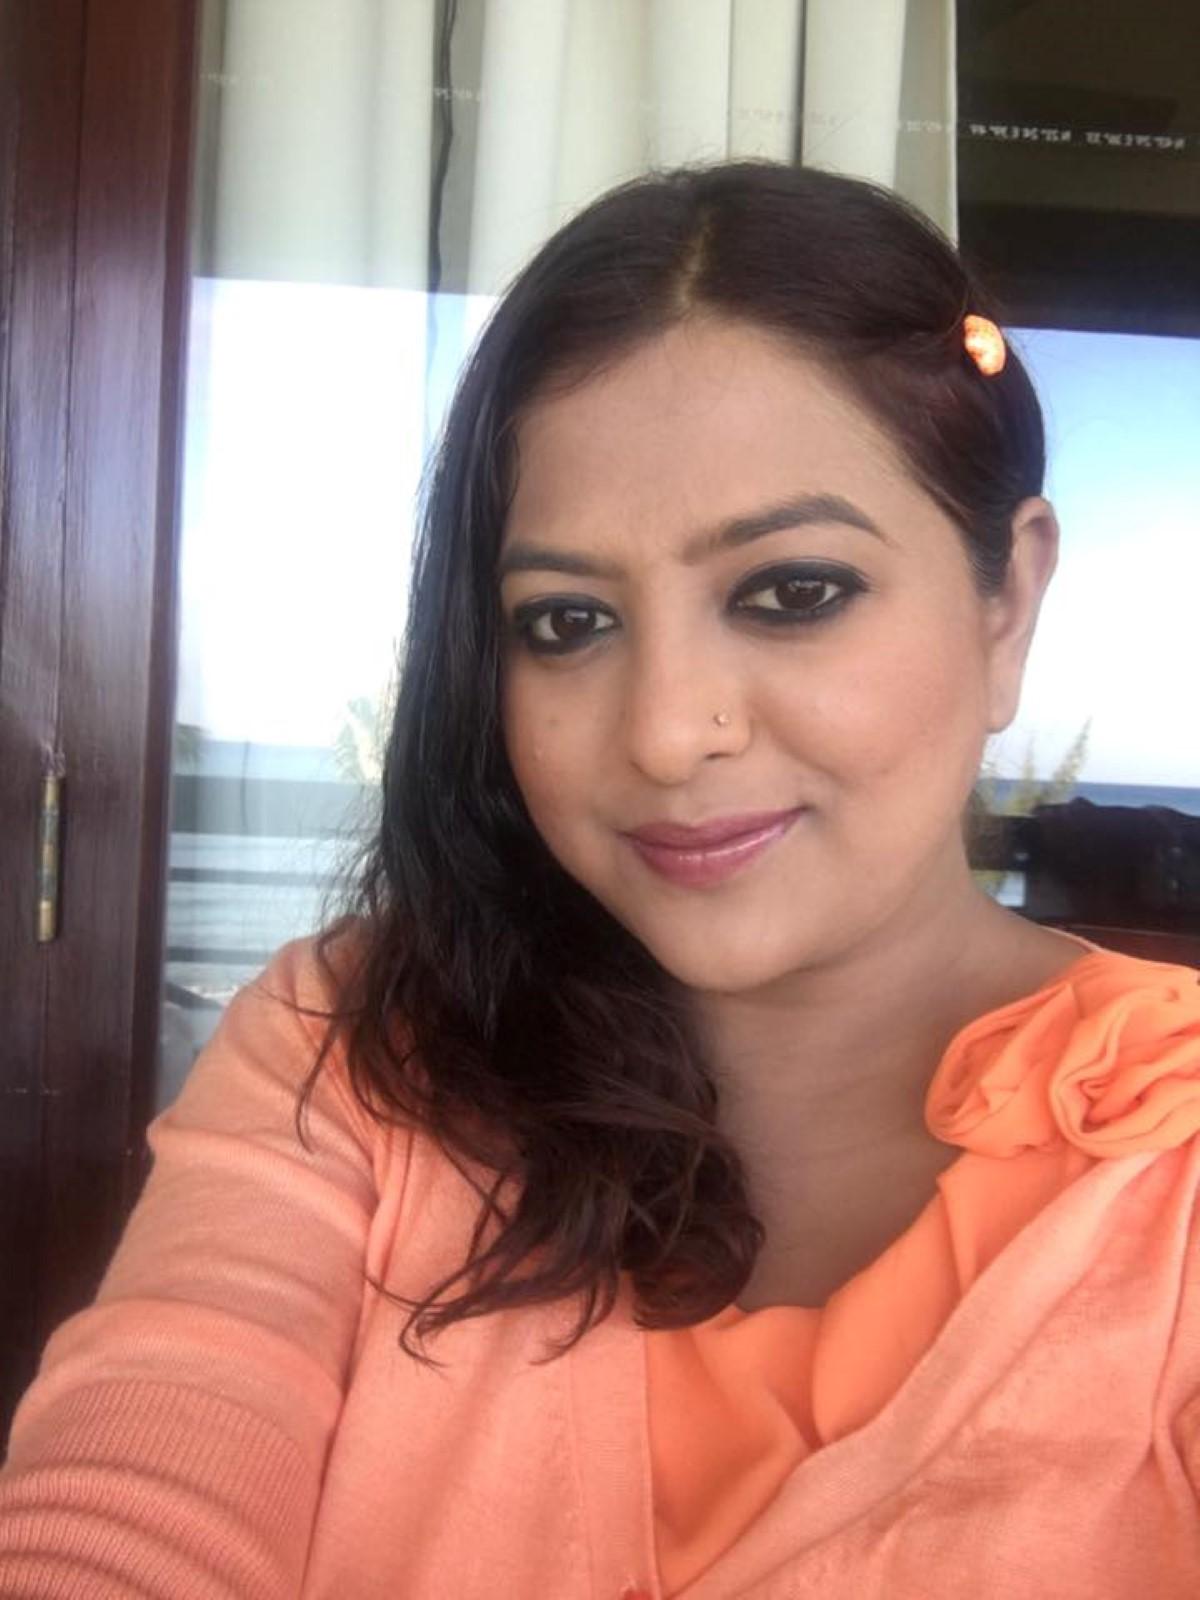 Incitation à la haine raciale : Aucune sanction contre Karishma Beeharry-Moher par la direction de Mauritius Telecom